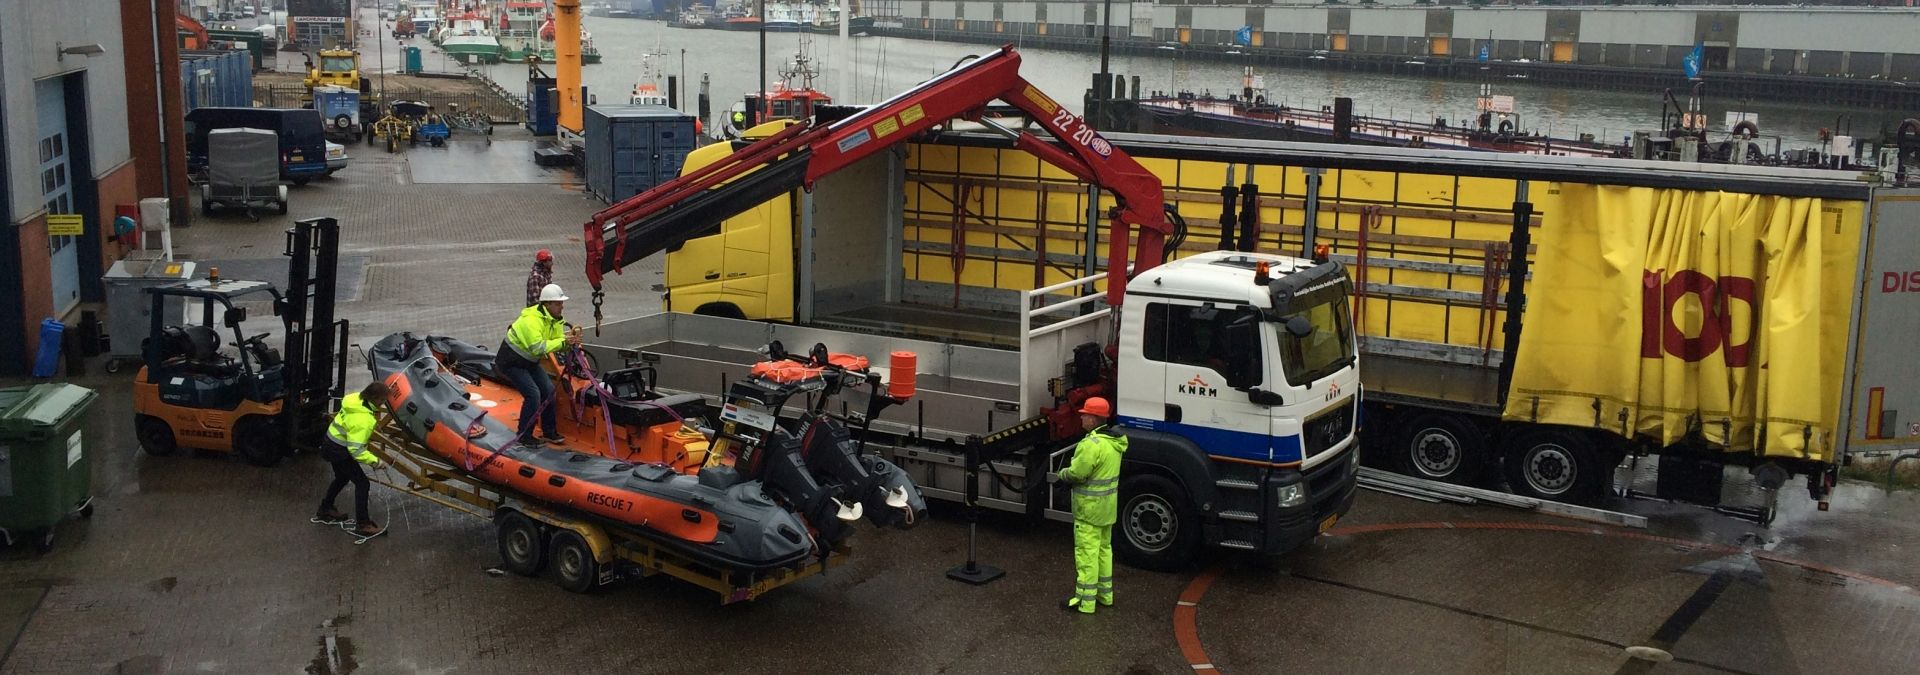 De reddingboot gaat op transport